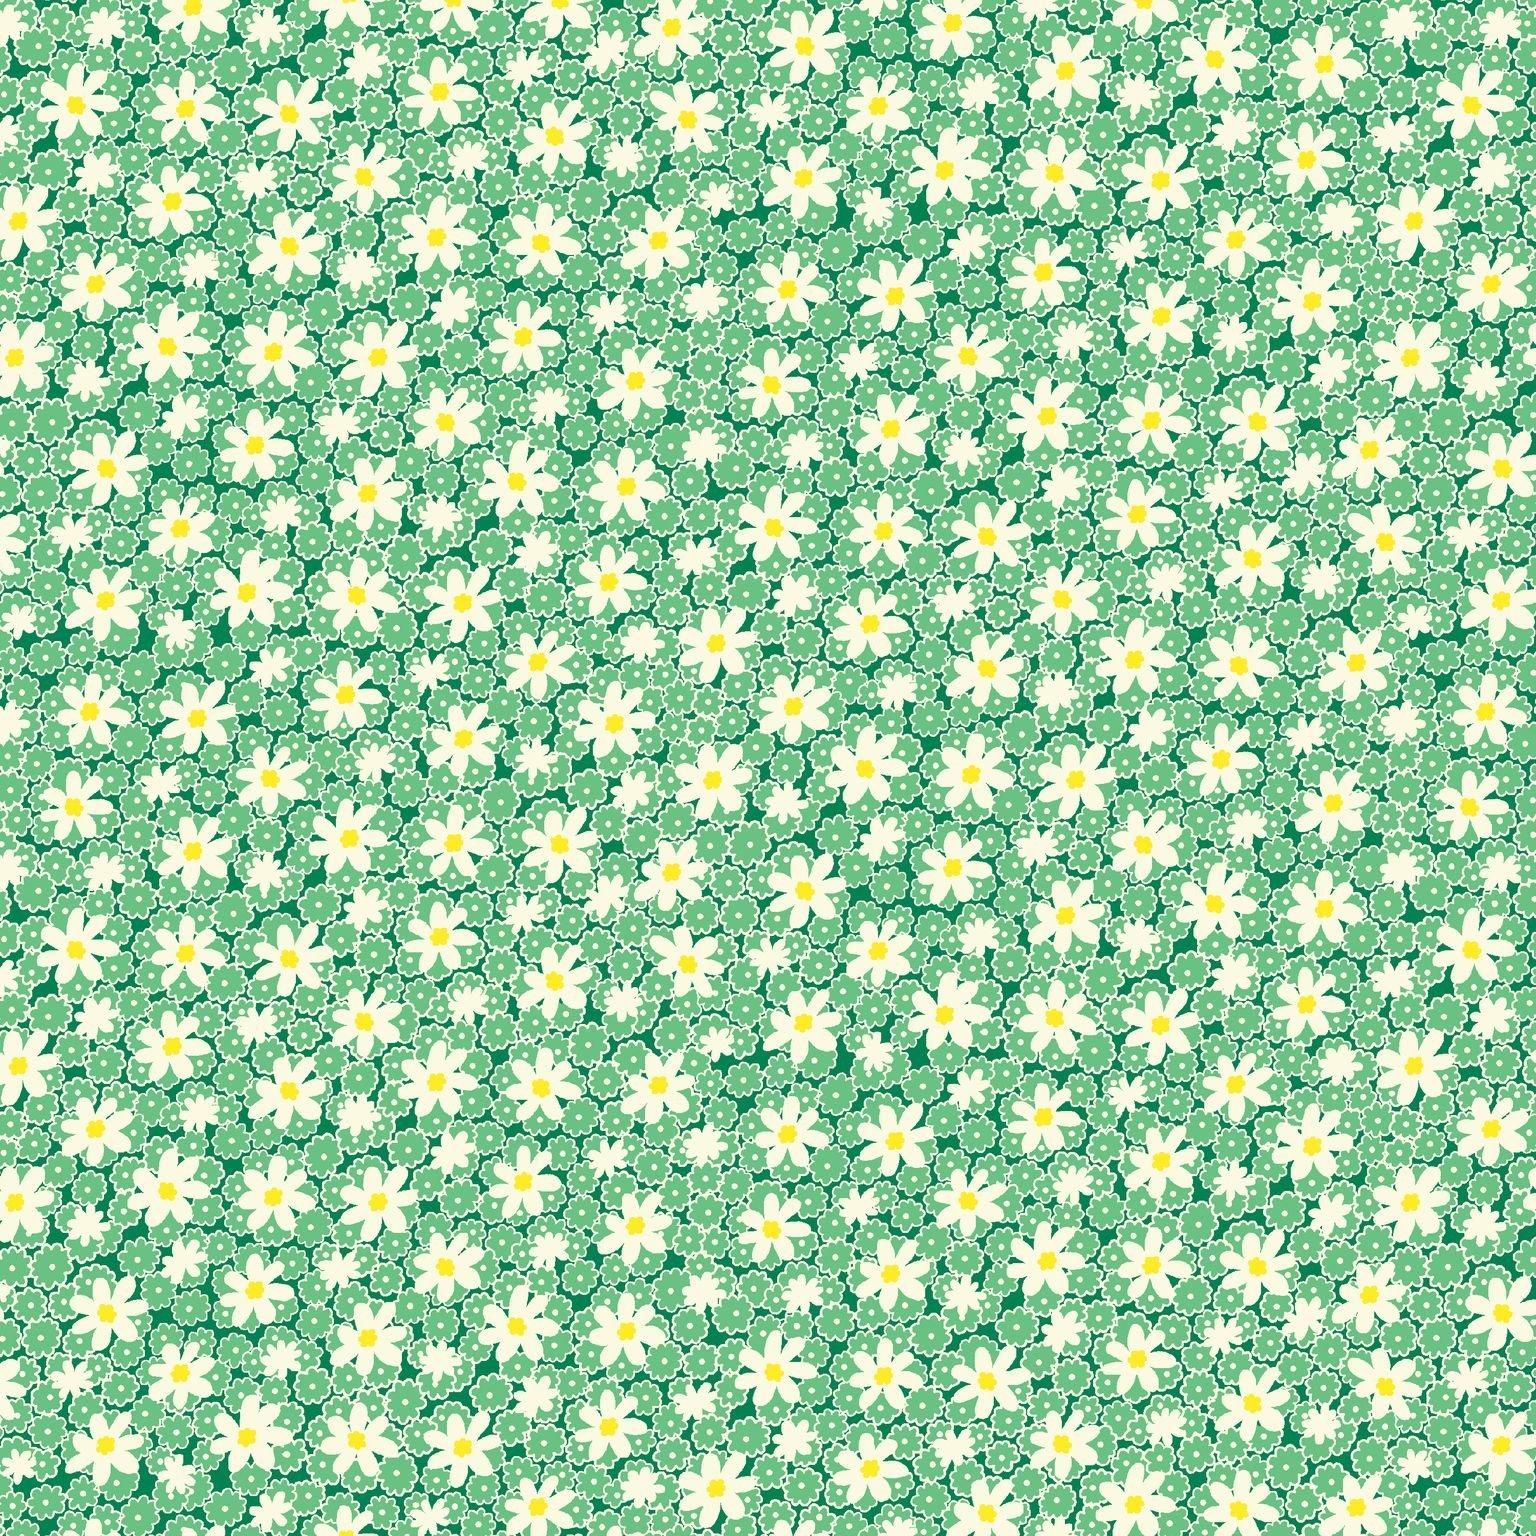 HG-Nana Mae V 9688-66 Green - Packed Daisies